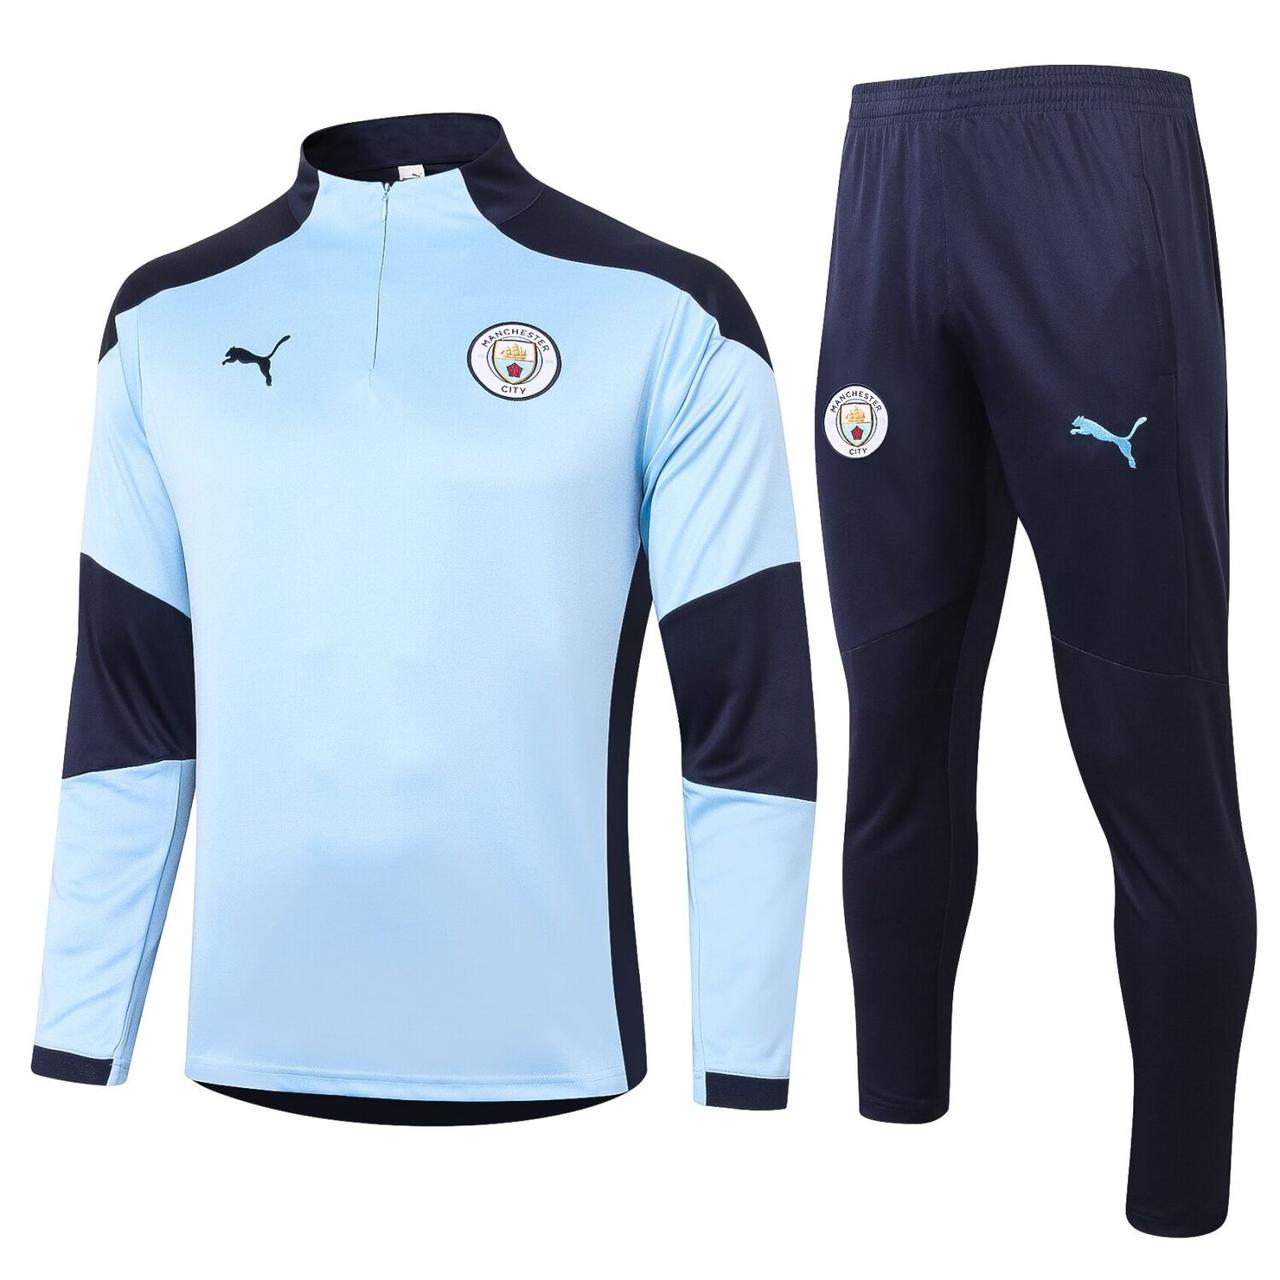 Тренировочный костюм Puma ФК Манчестер Сити 20/21 основной комплект